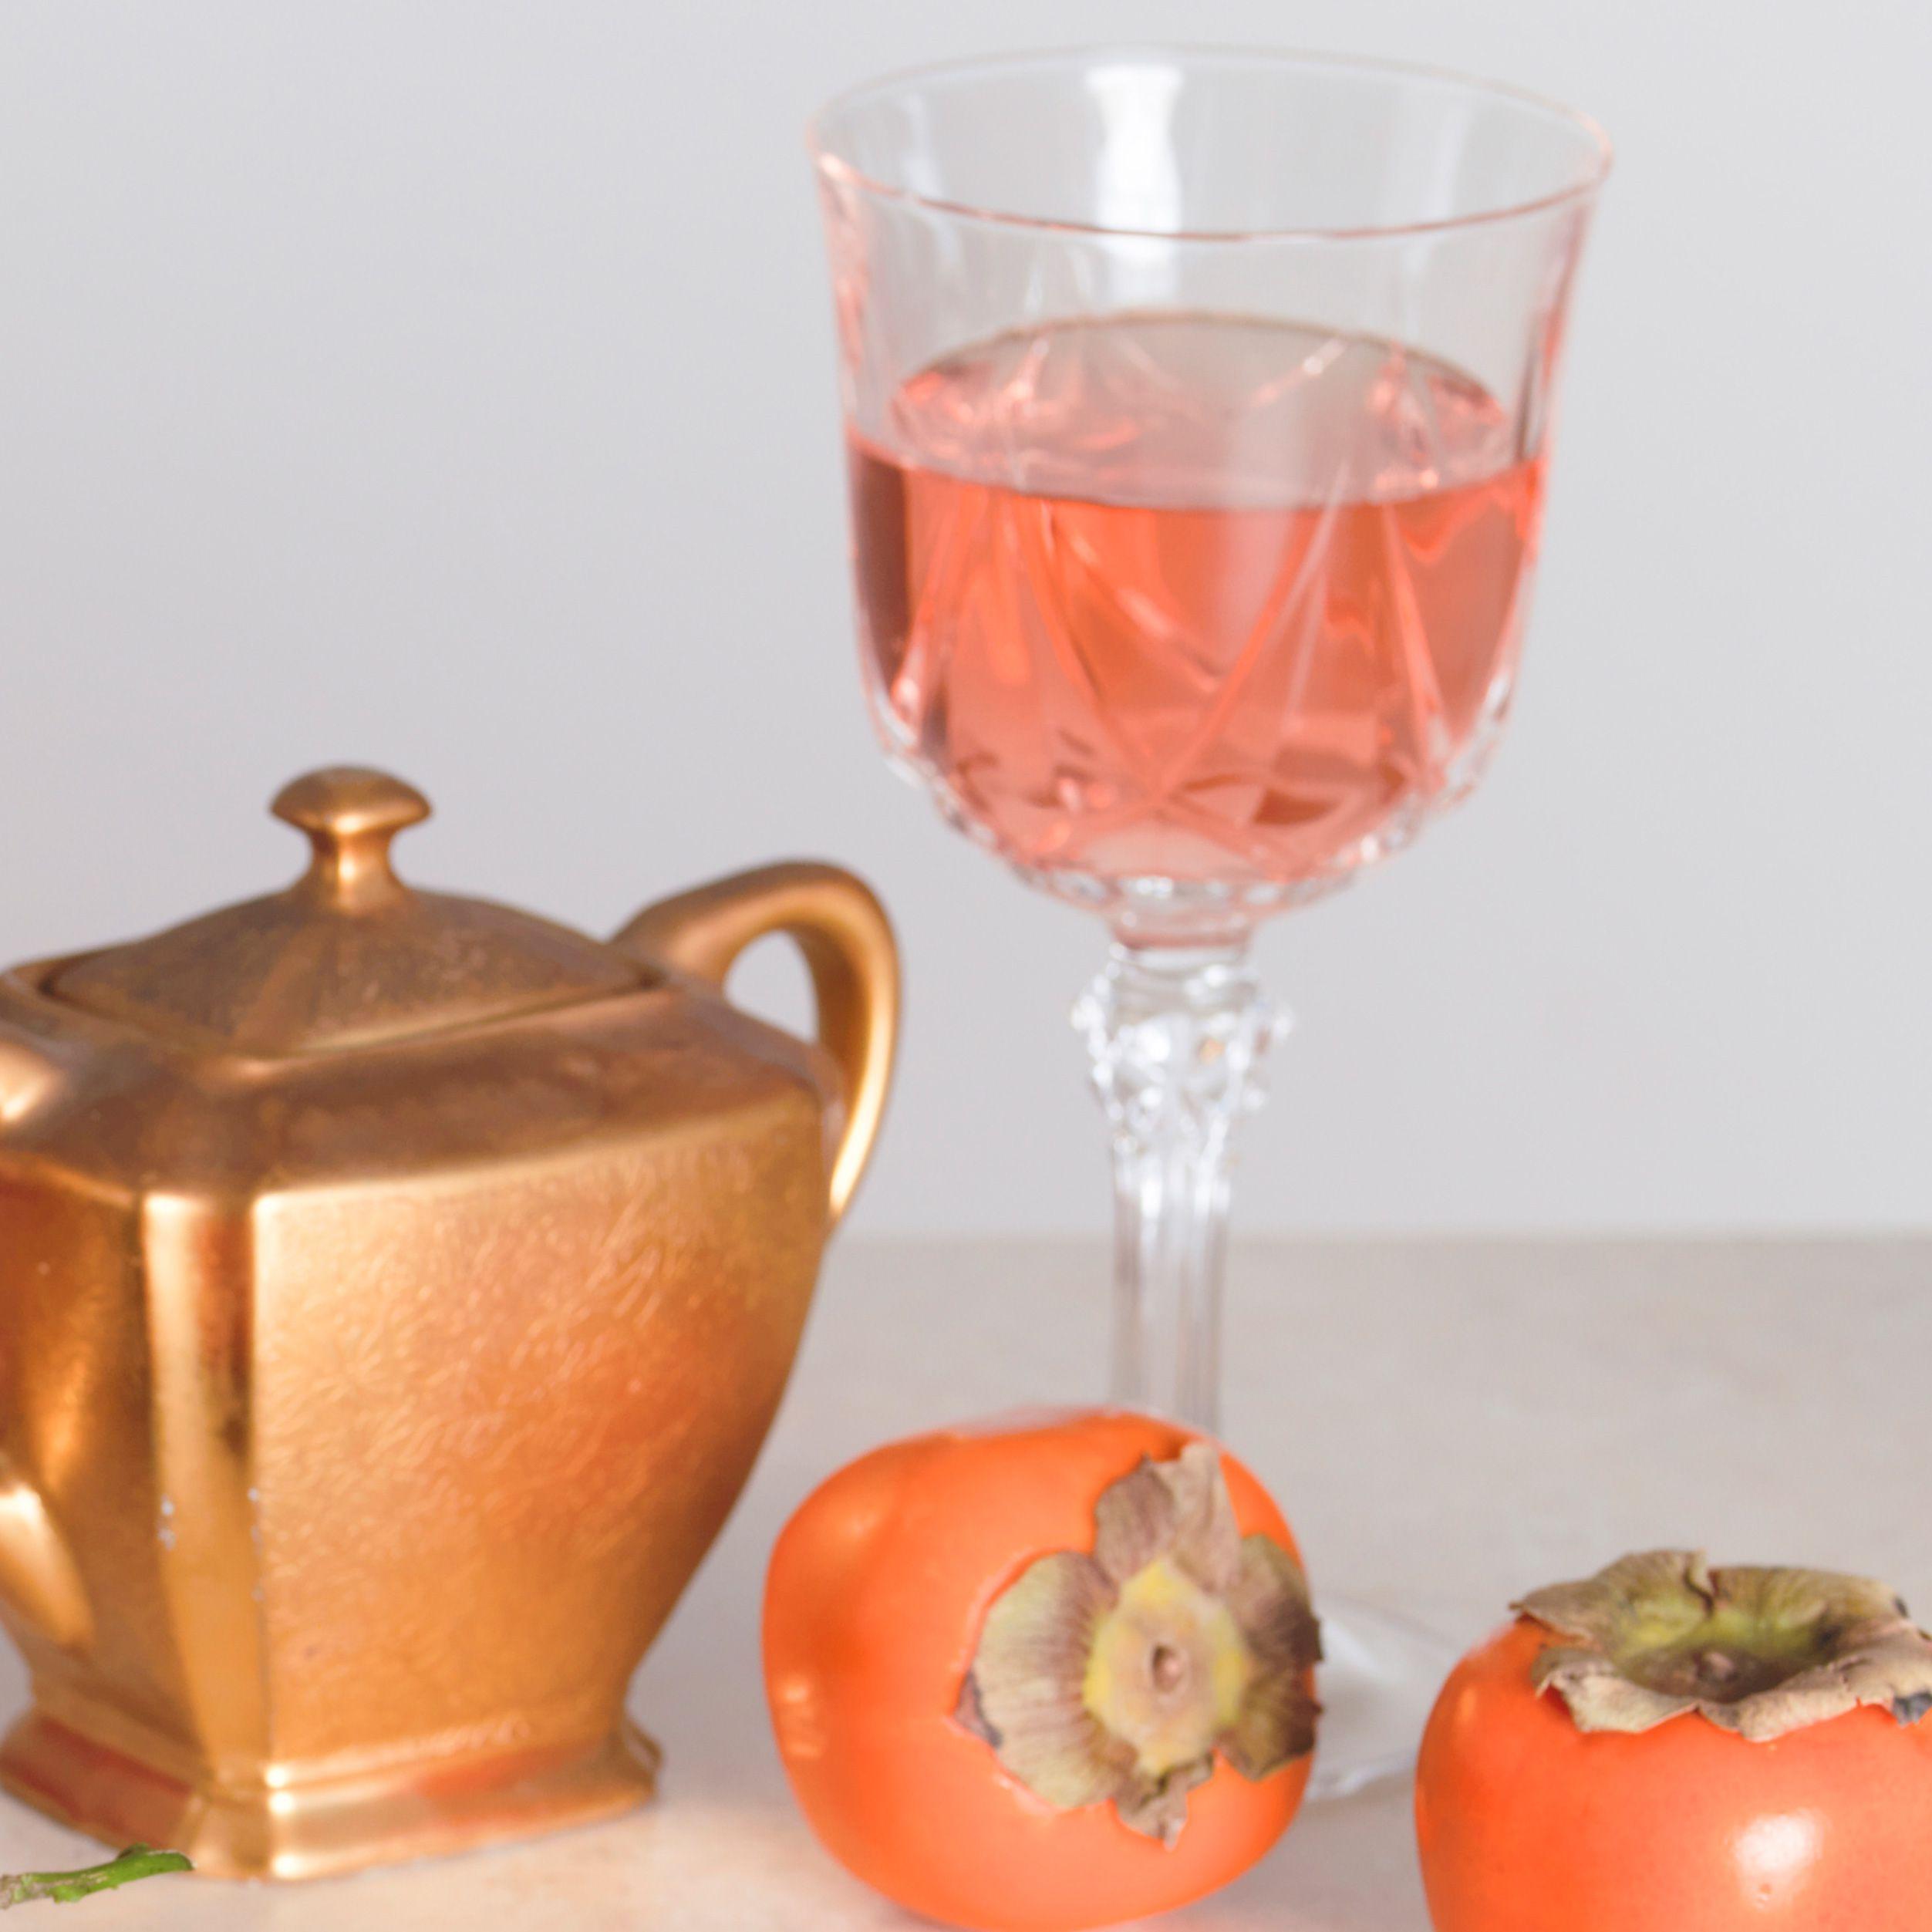 How To Make Homemade Persimmon Wine A Korean Recipe